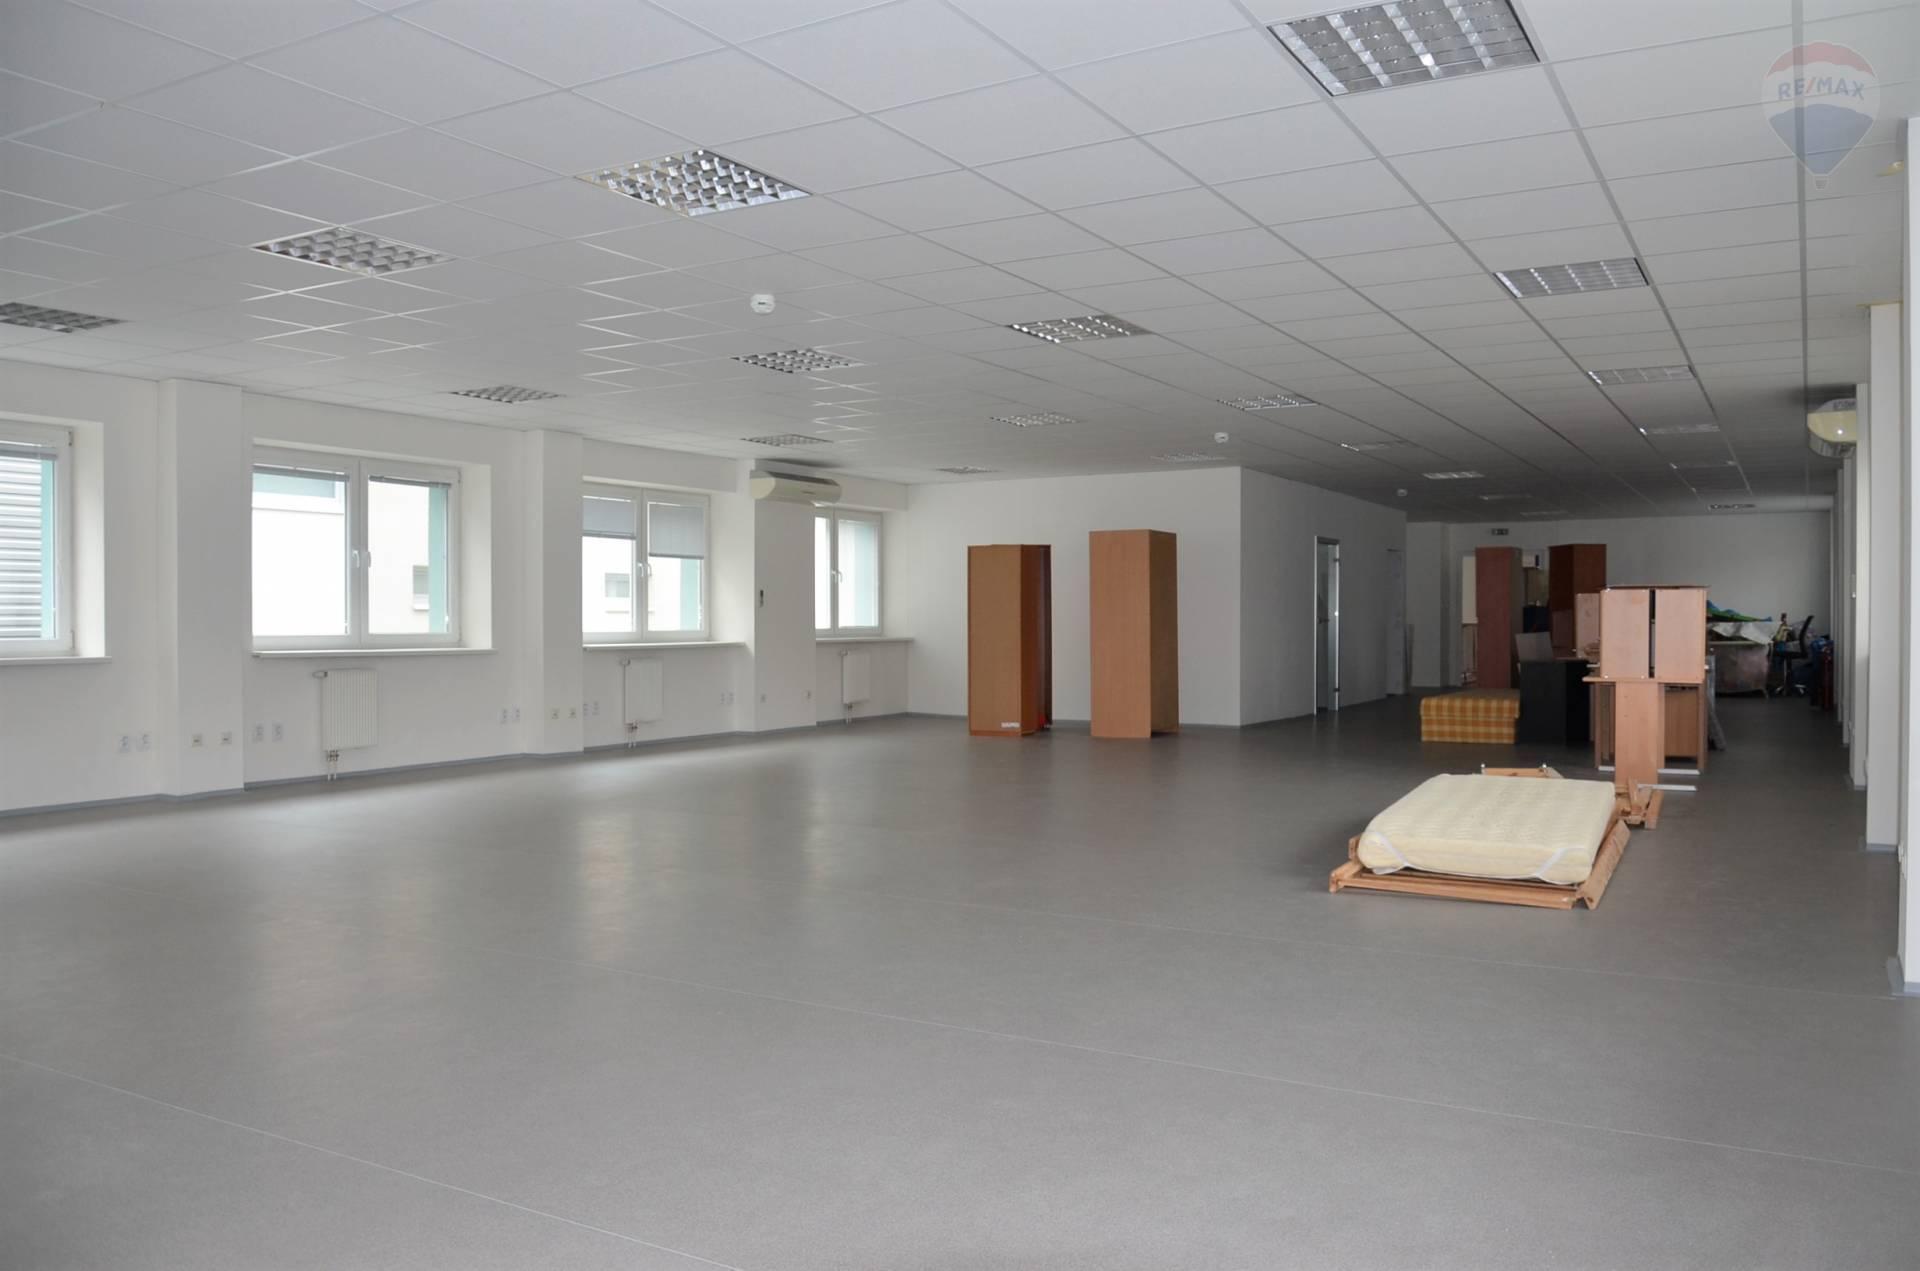 Prenájom komerčného priestoru 220 m2, Nitra - NA PRENÁJOM KANCELÁRSKE PRIESTORY, VODNÁ - NITRA